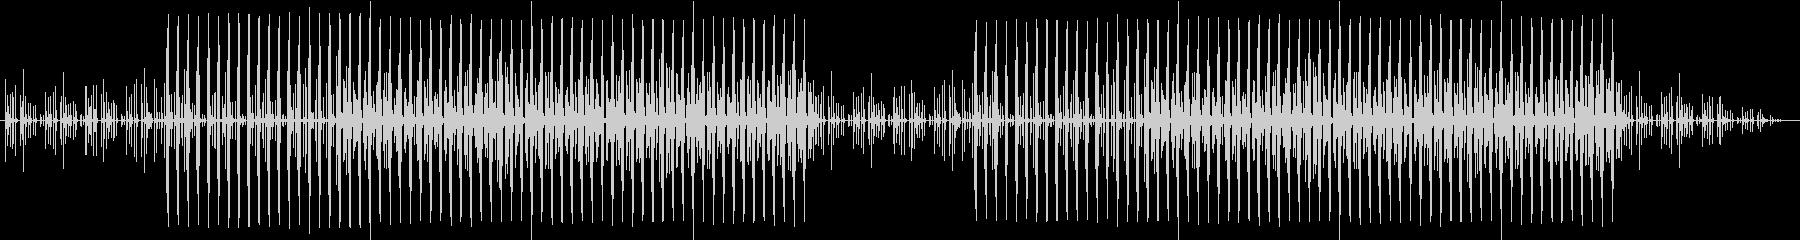 軽快なリズムの楽曲の未再生の波形